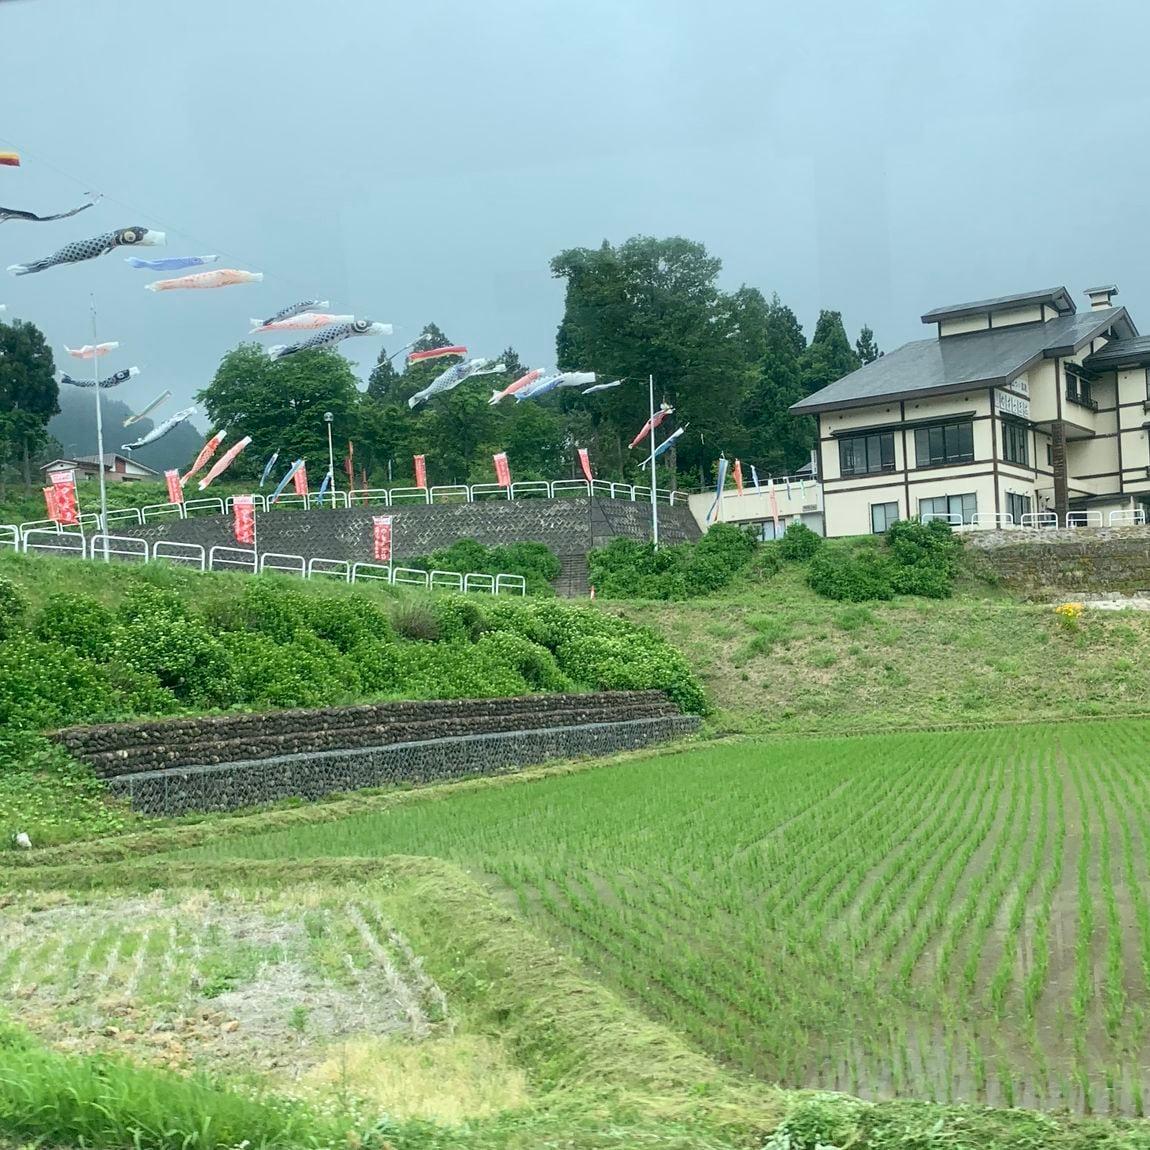 車窓からの景色。鯉のぼりと田んぼ。